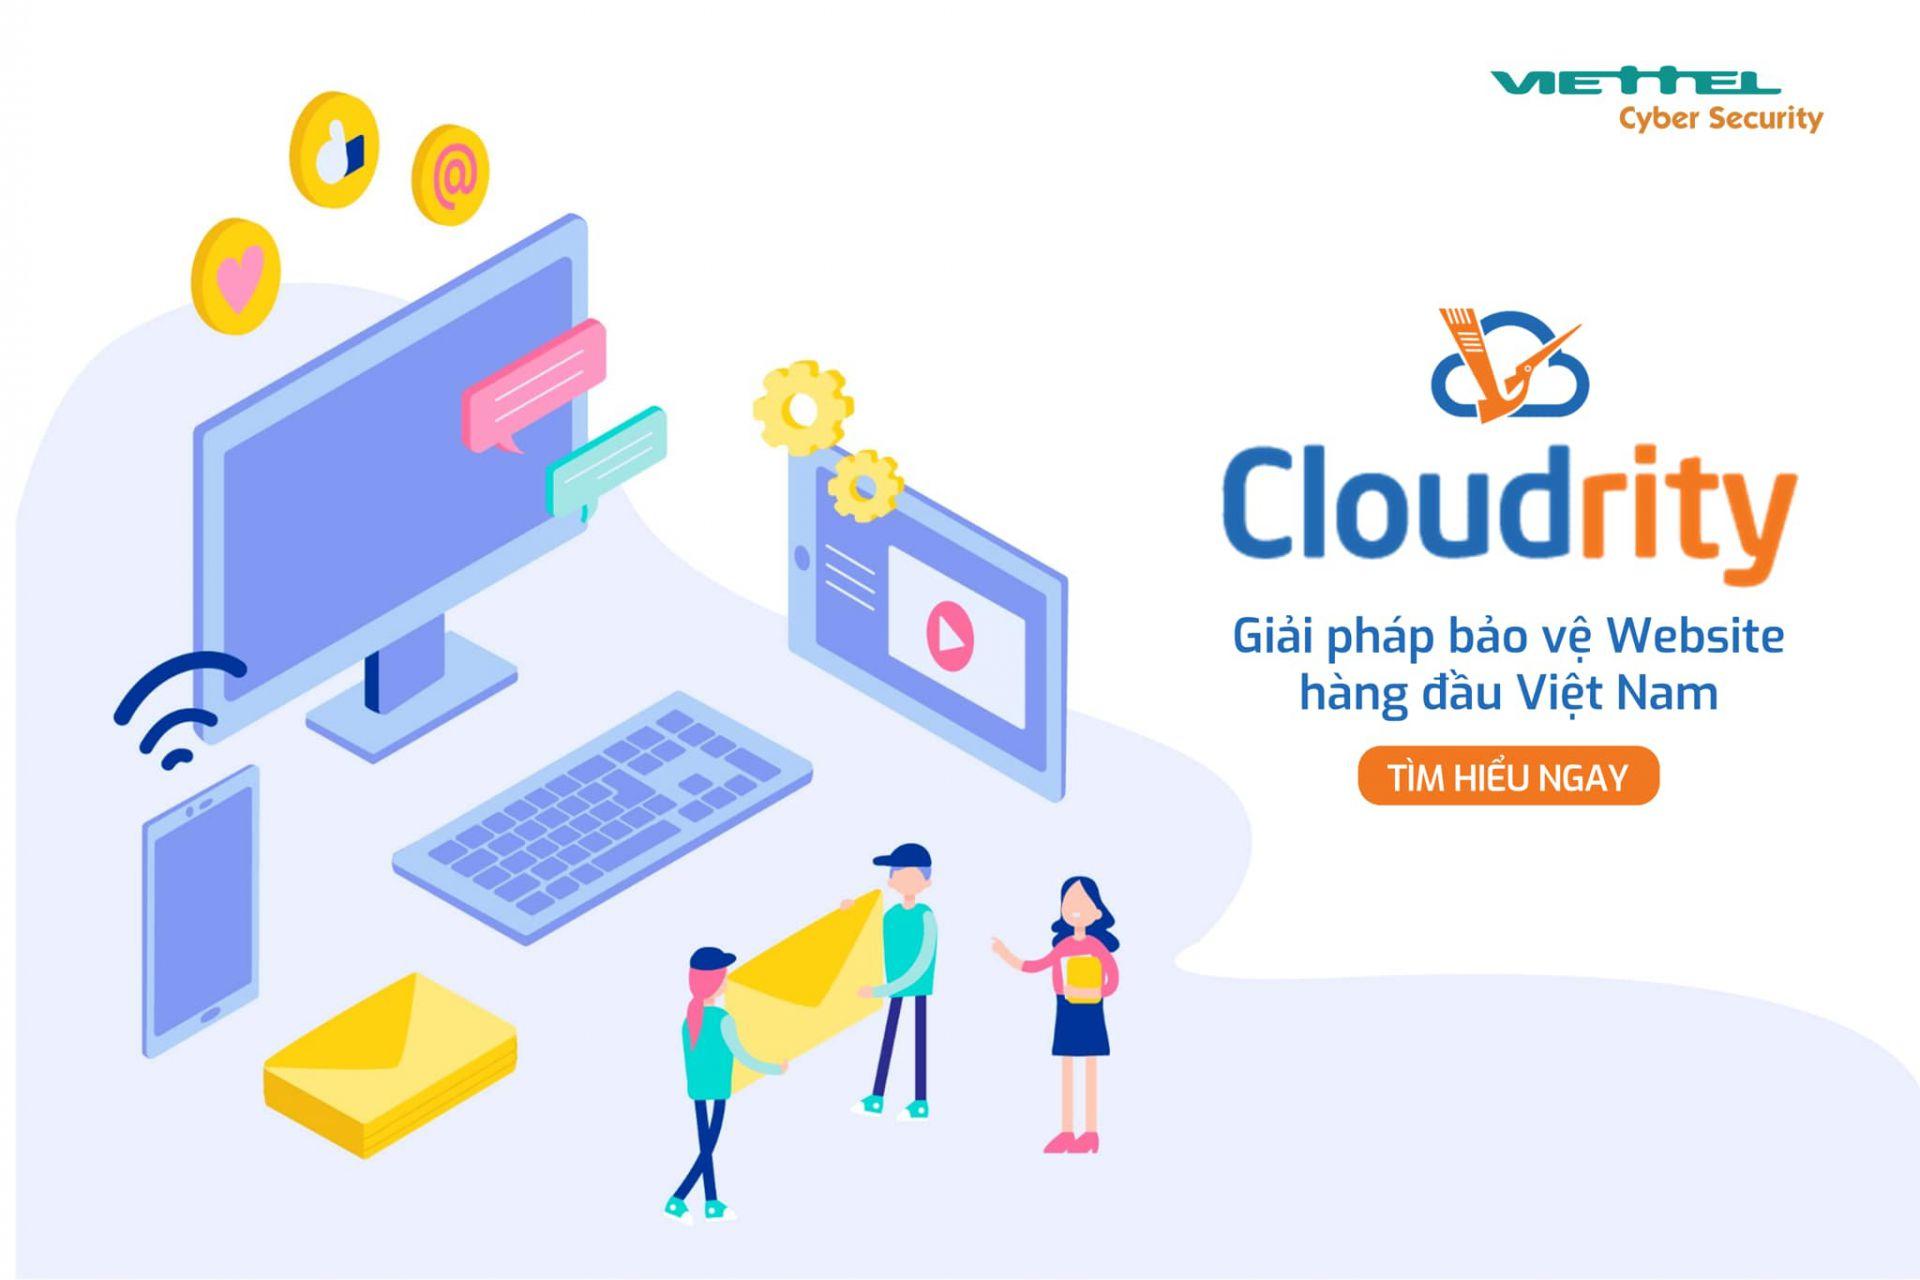 Cloudrity – giải pháp bảo vệ website và giá trị thương hiệu, niềm tin của doanh nghiệp